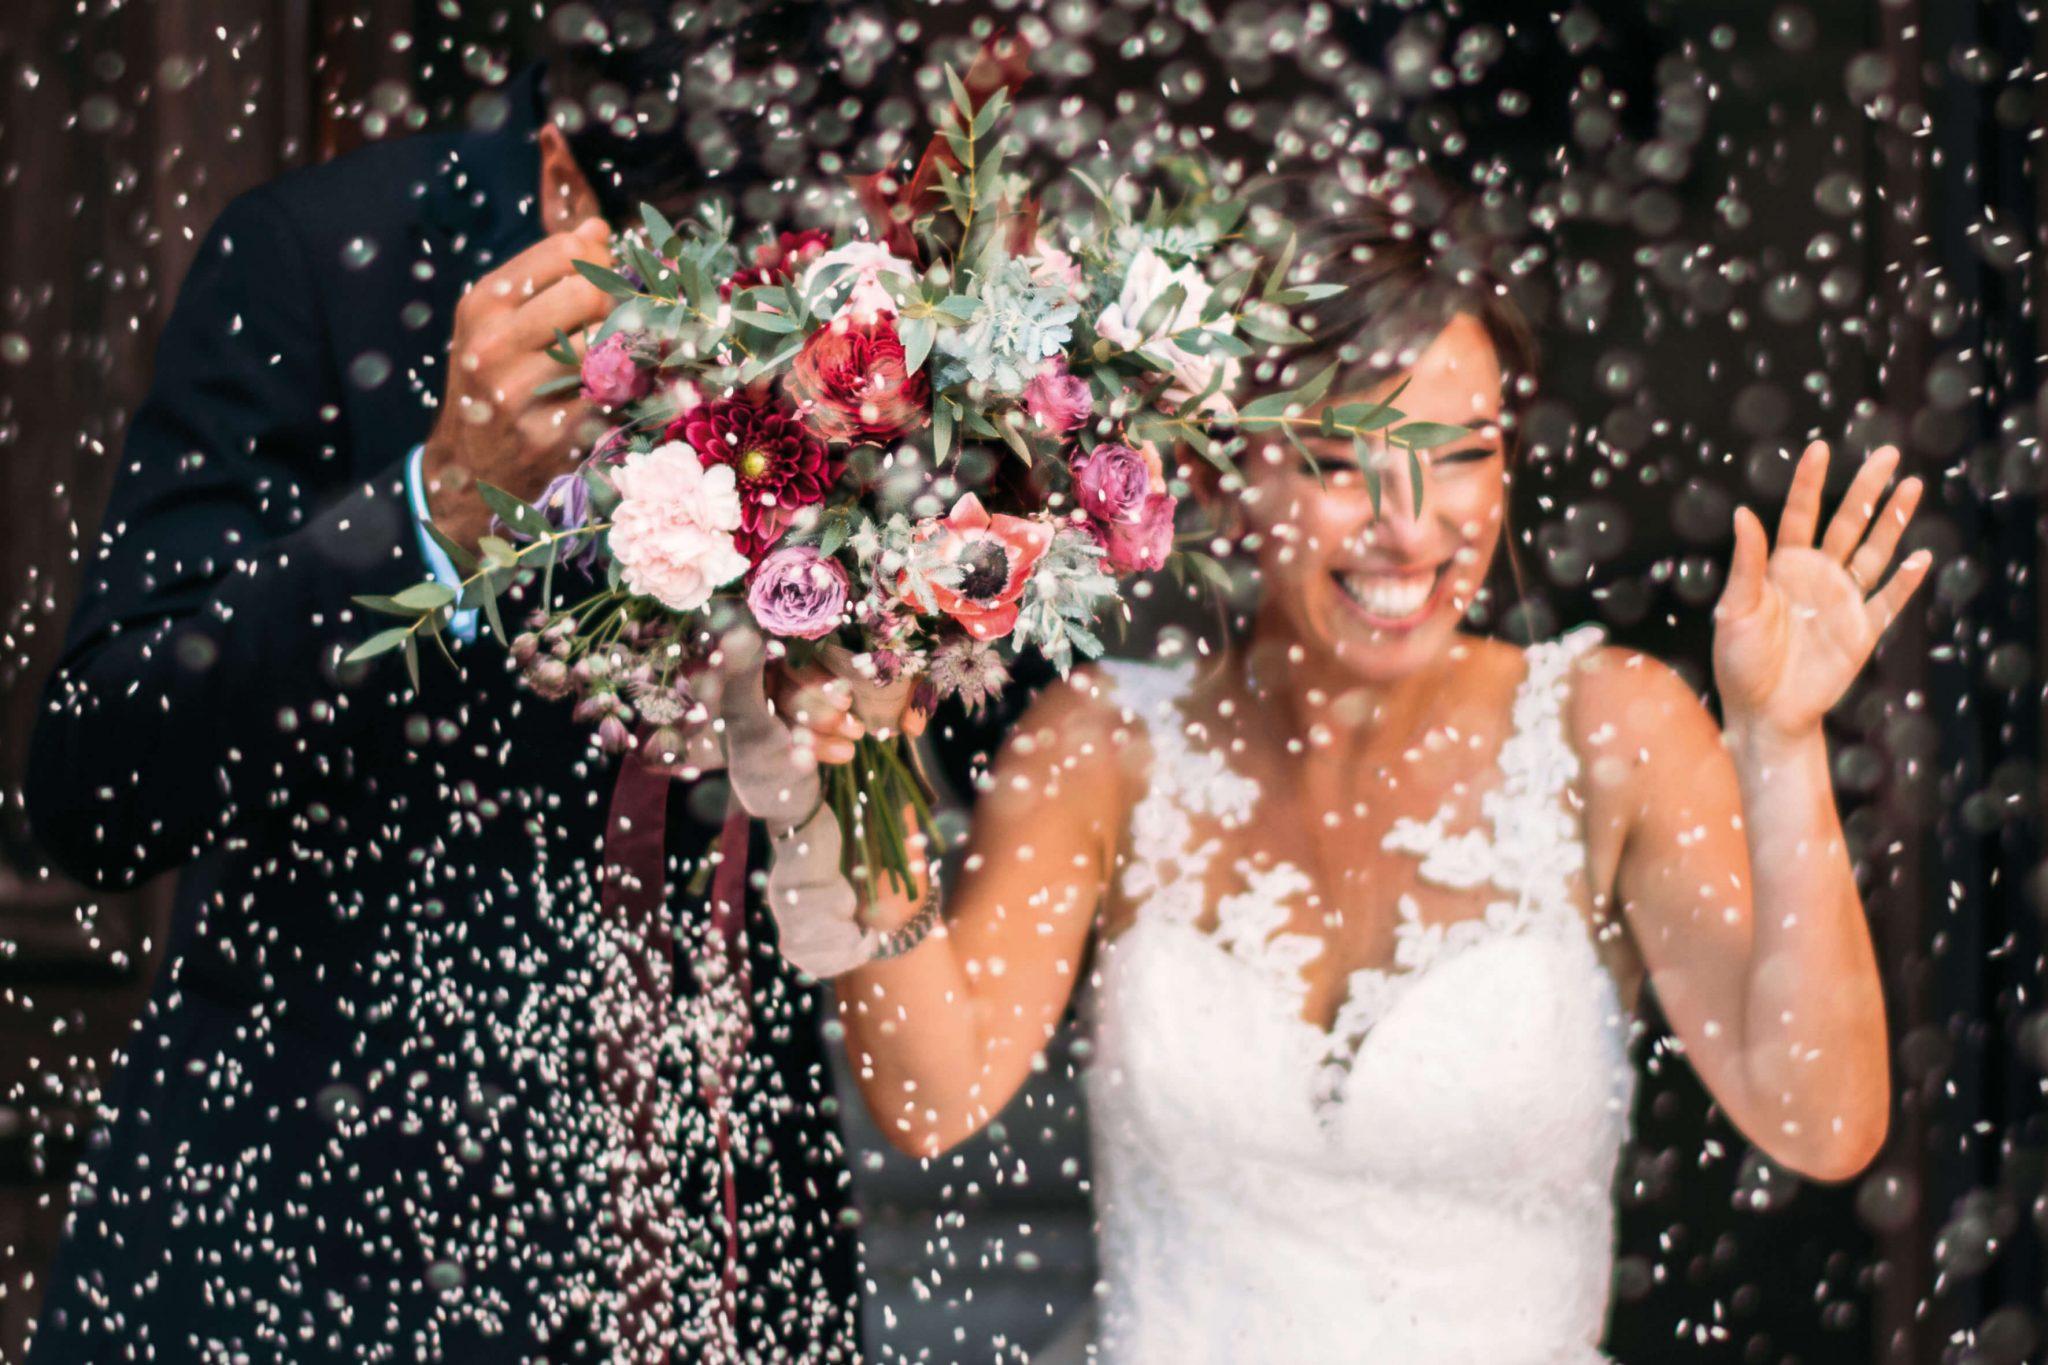 il primo piano del bouquet della sposa durante il lancio del riso fuori dalla chiesa